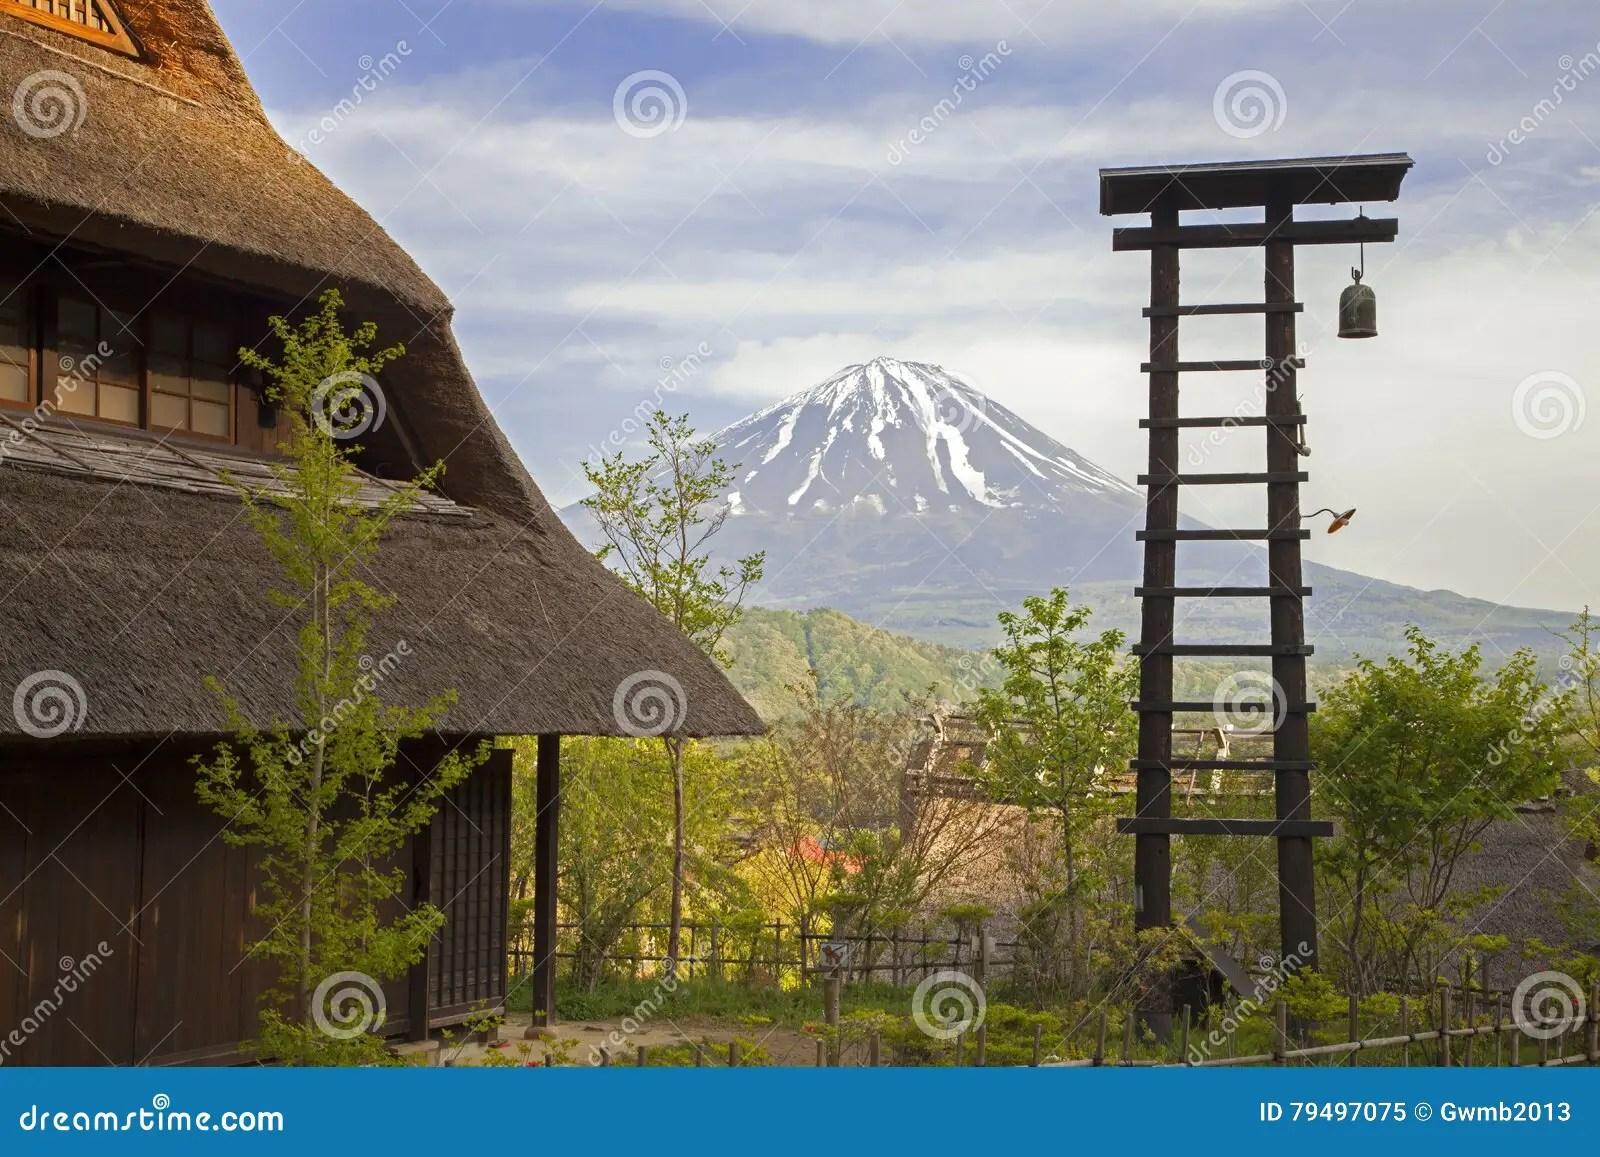 Alte Traditionelle Japanische Häuser Stockbild - Bild von fuji